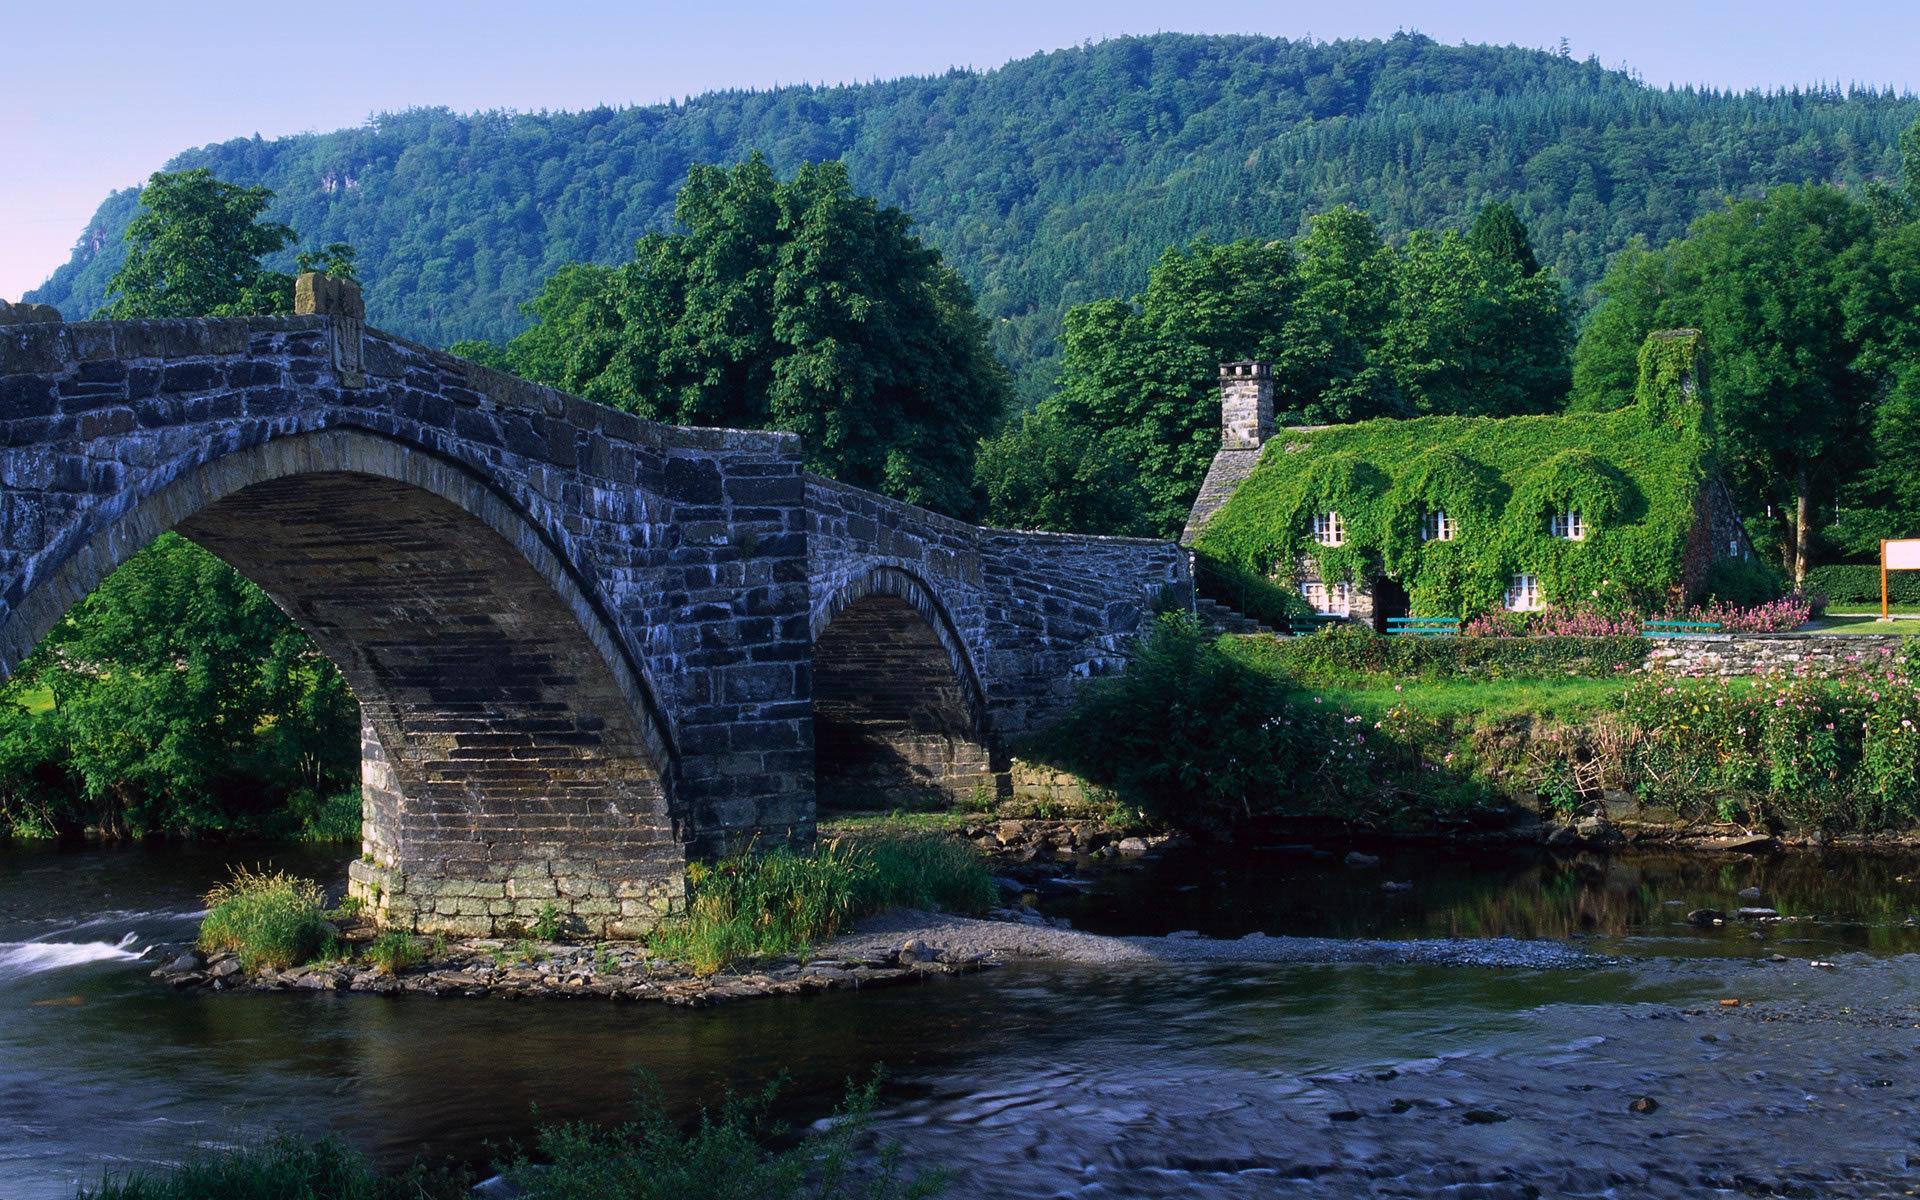 18683 скачать обои Пейзаж, Река, Мосты, Горы - заставки и картинки бесплатно